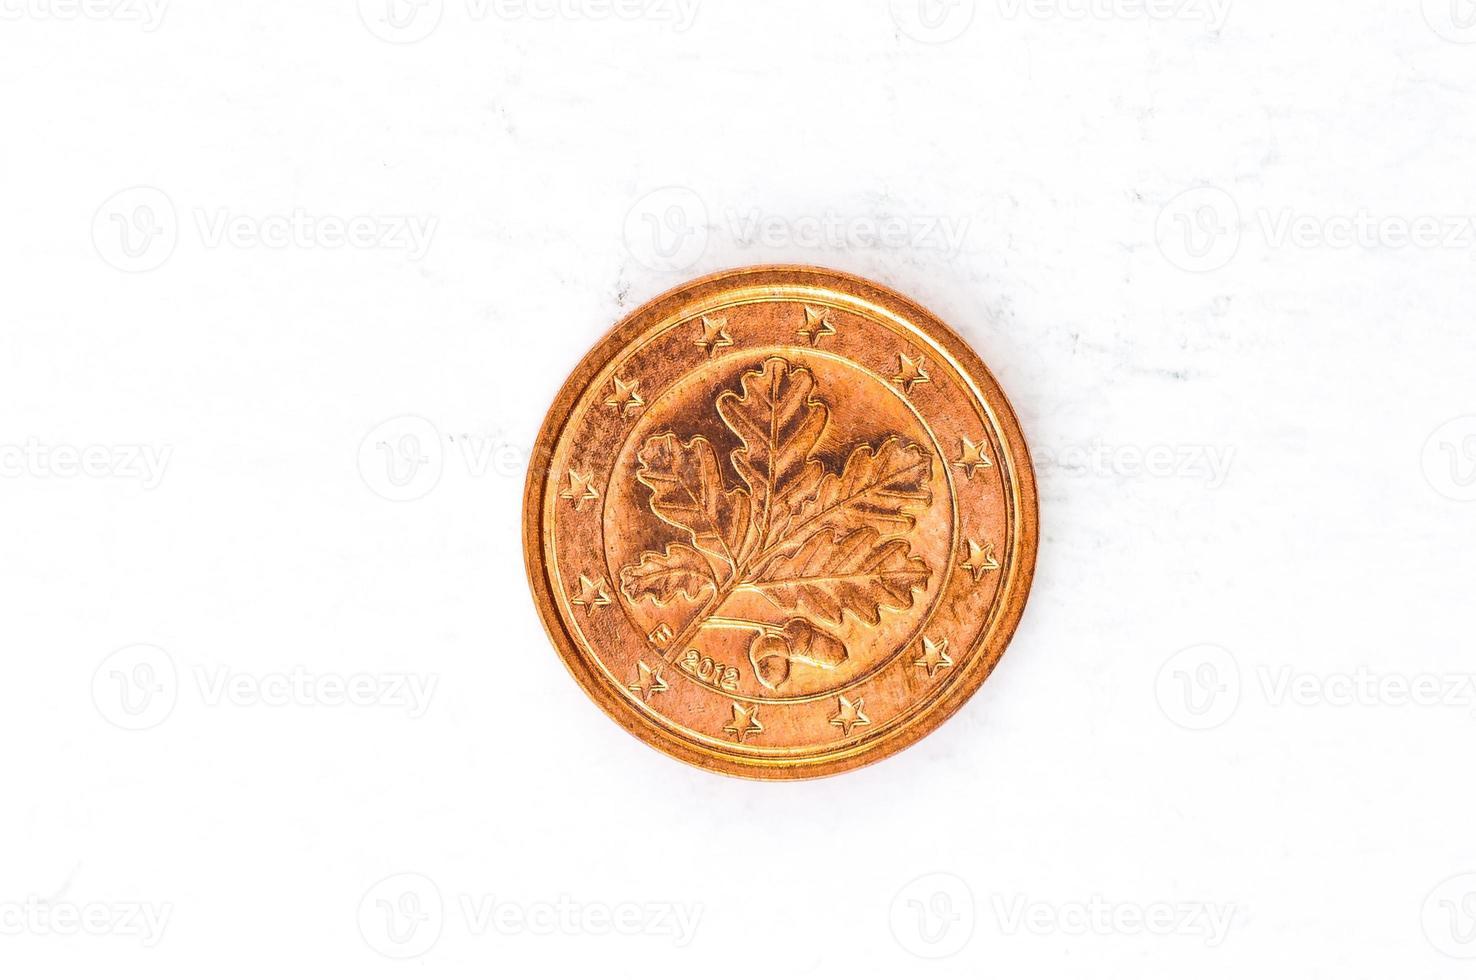 1 eurocent munt met Duitse achterkant gebruikte look foto